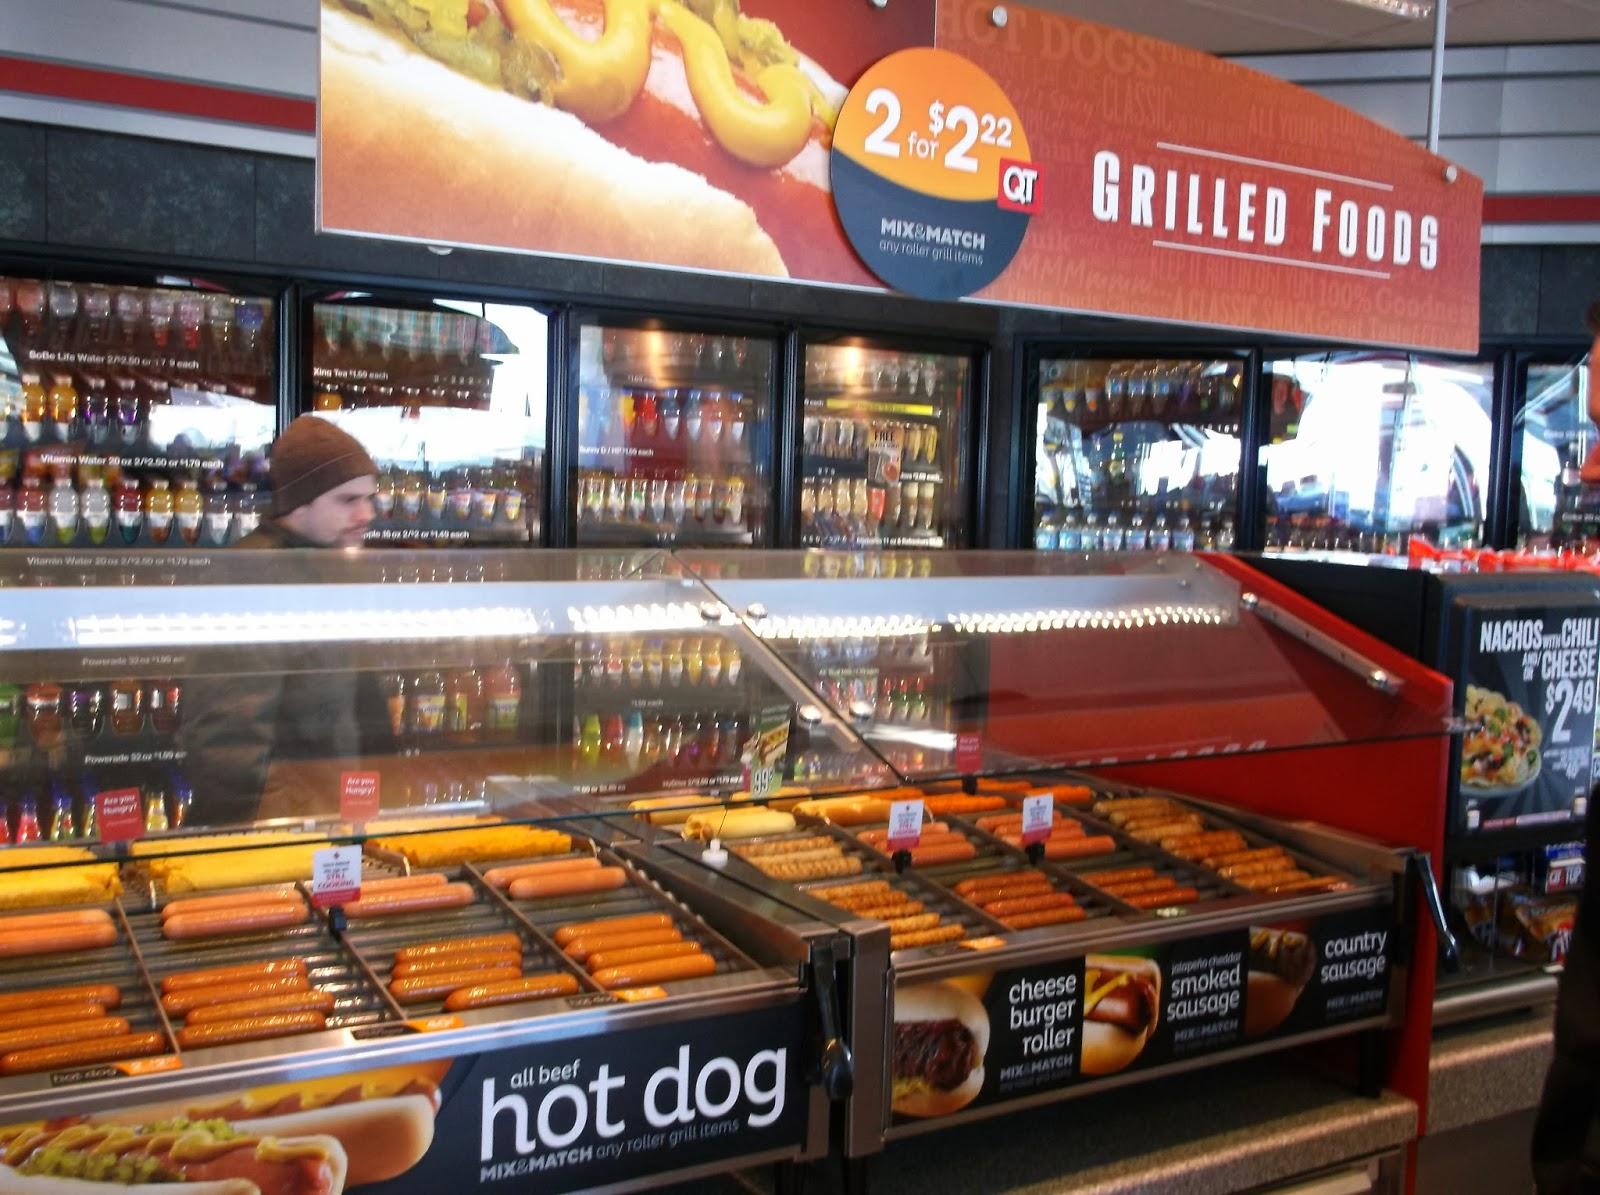 Quick trip hot dog coupons